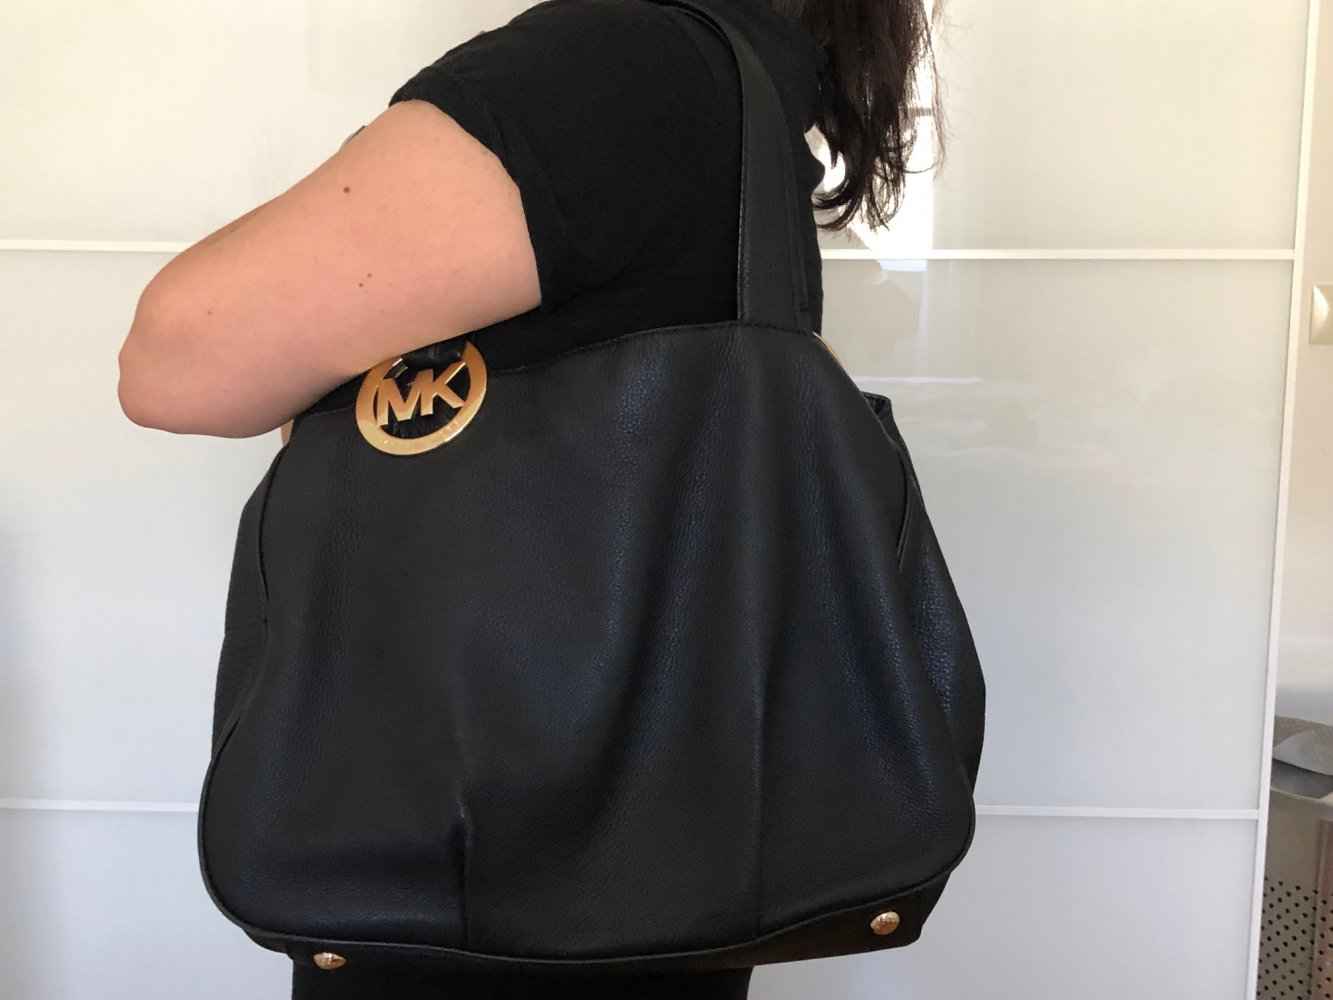 Neuankömmling günstiger Preis gesamte Sammlung Michael Kors Tasche (schwarz) aus weichem Leder